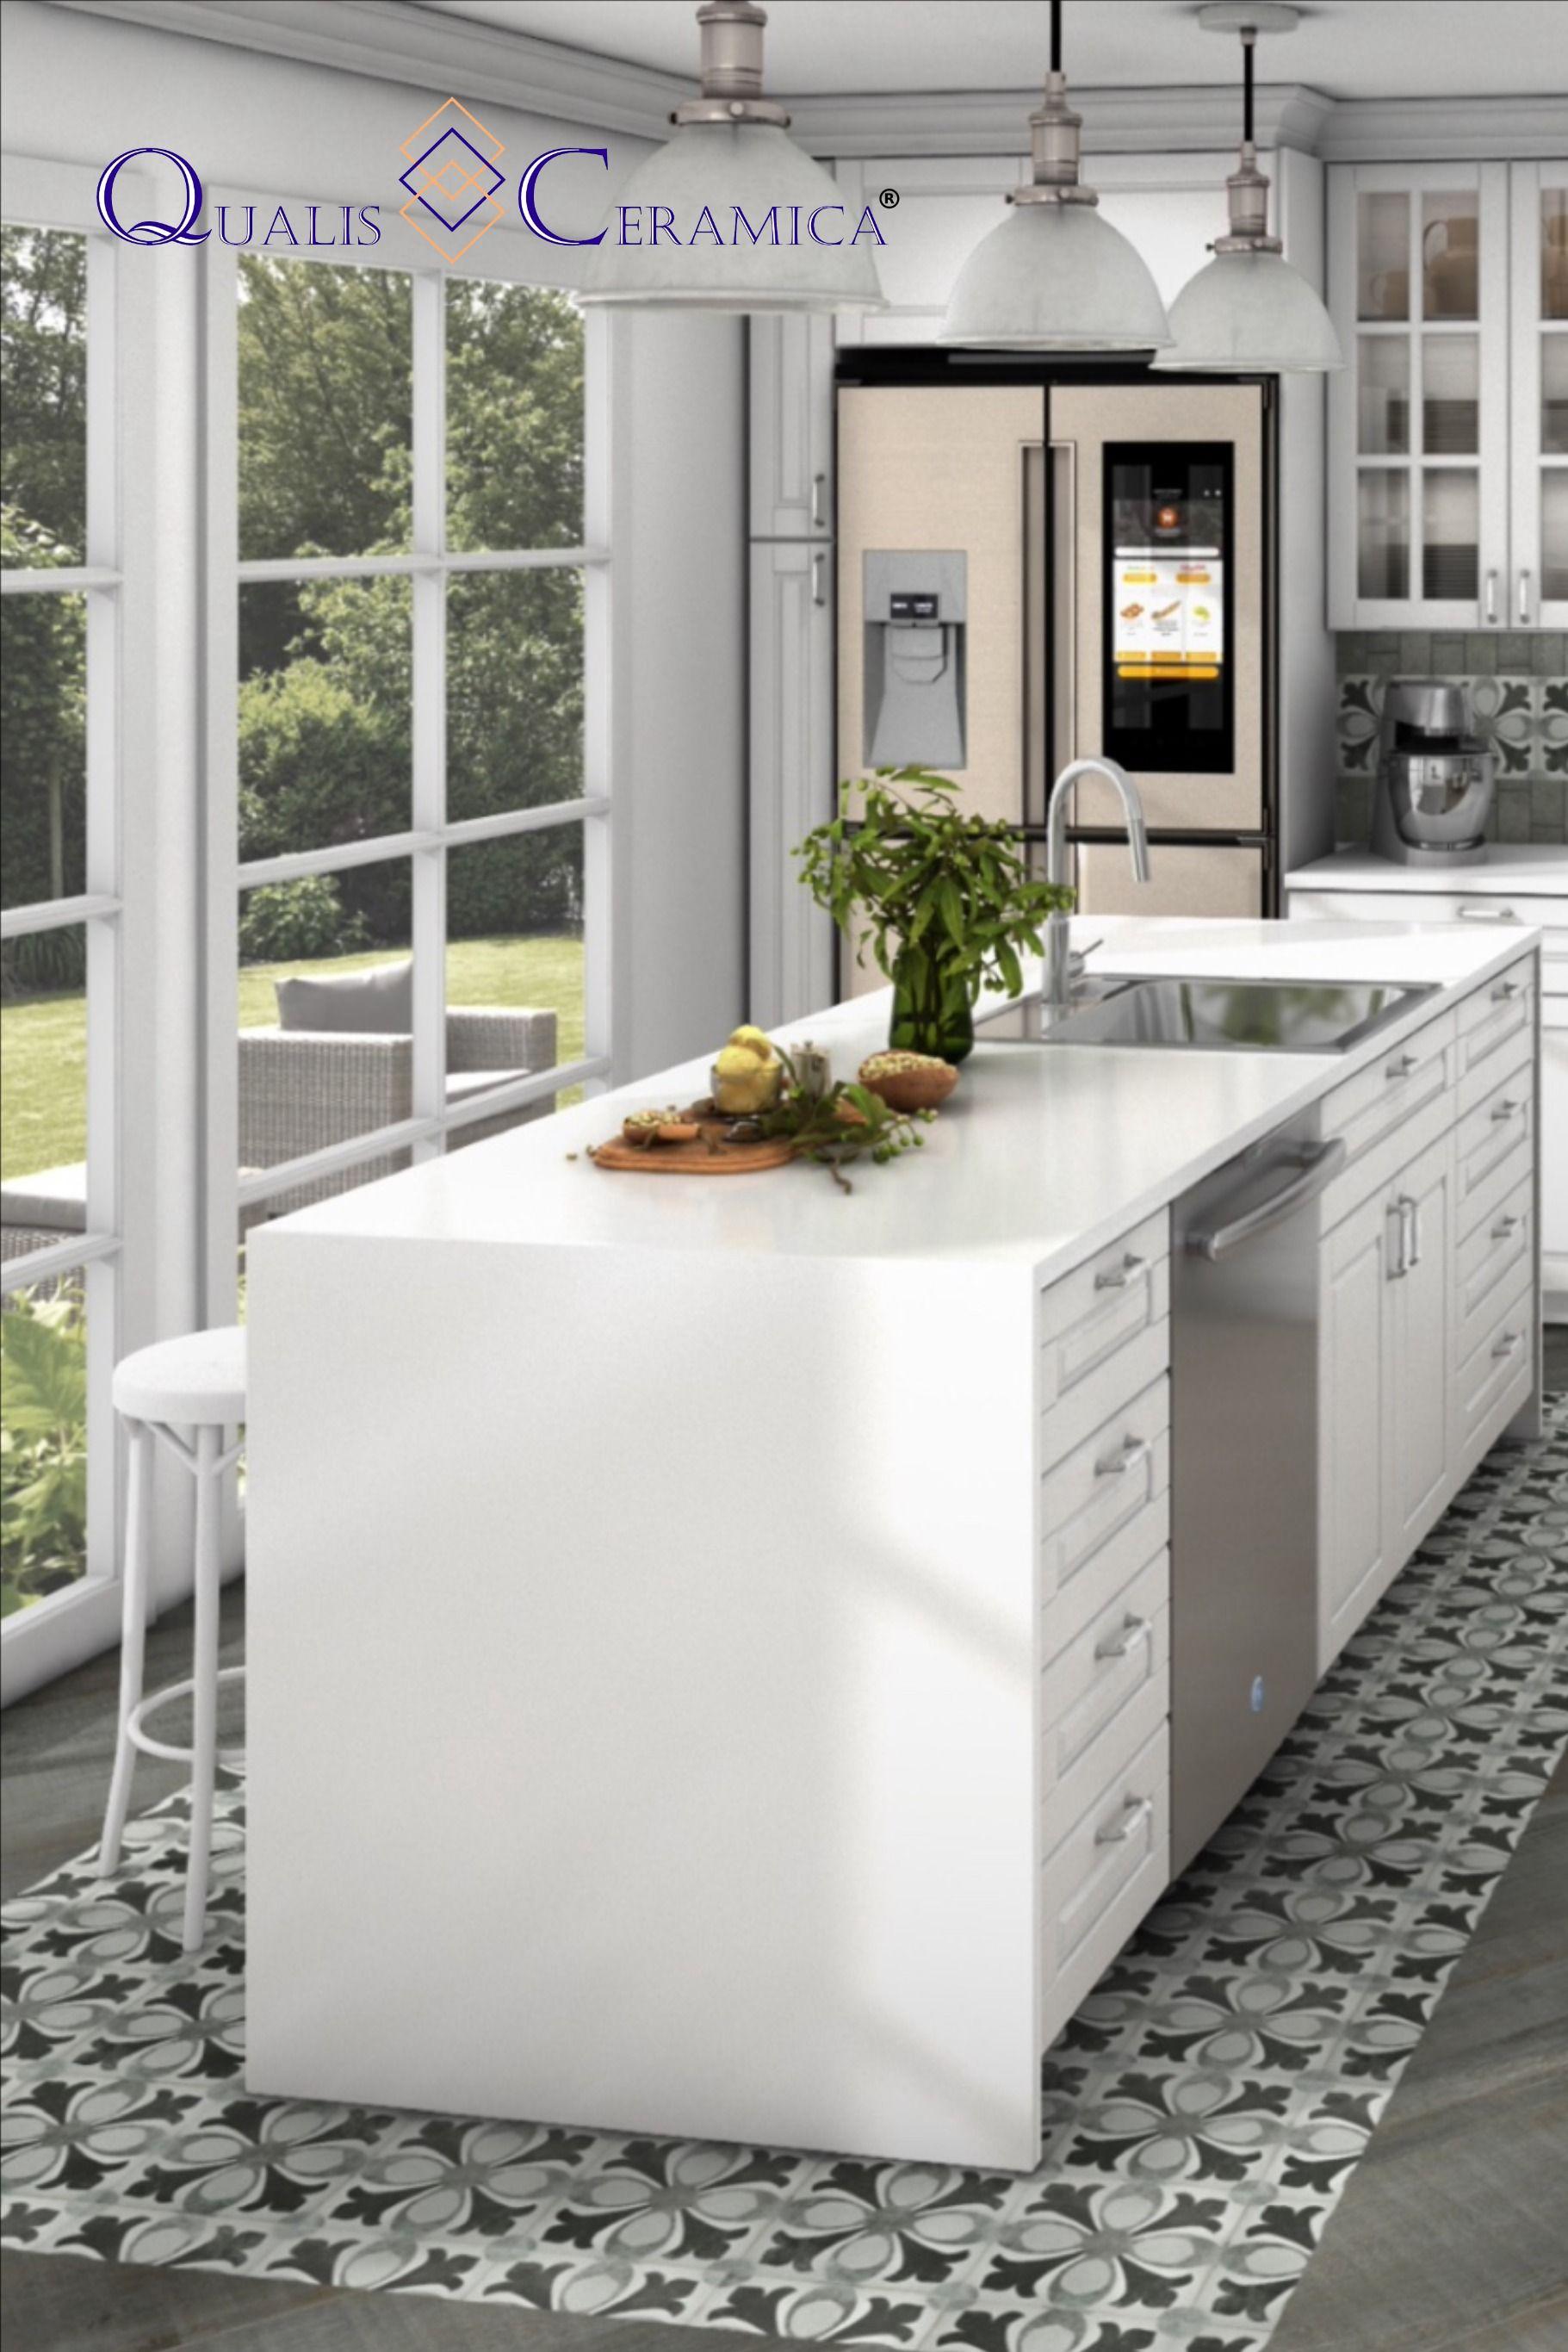 9x9 Room Design: Qualis Ceramica Tapestry Alexandria 9x9 (Porcelain Cement